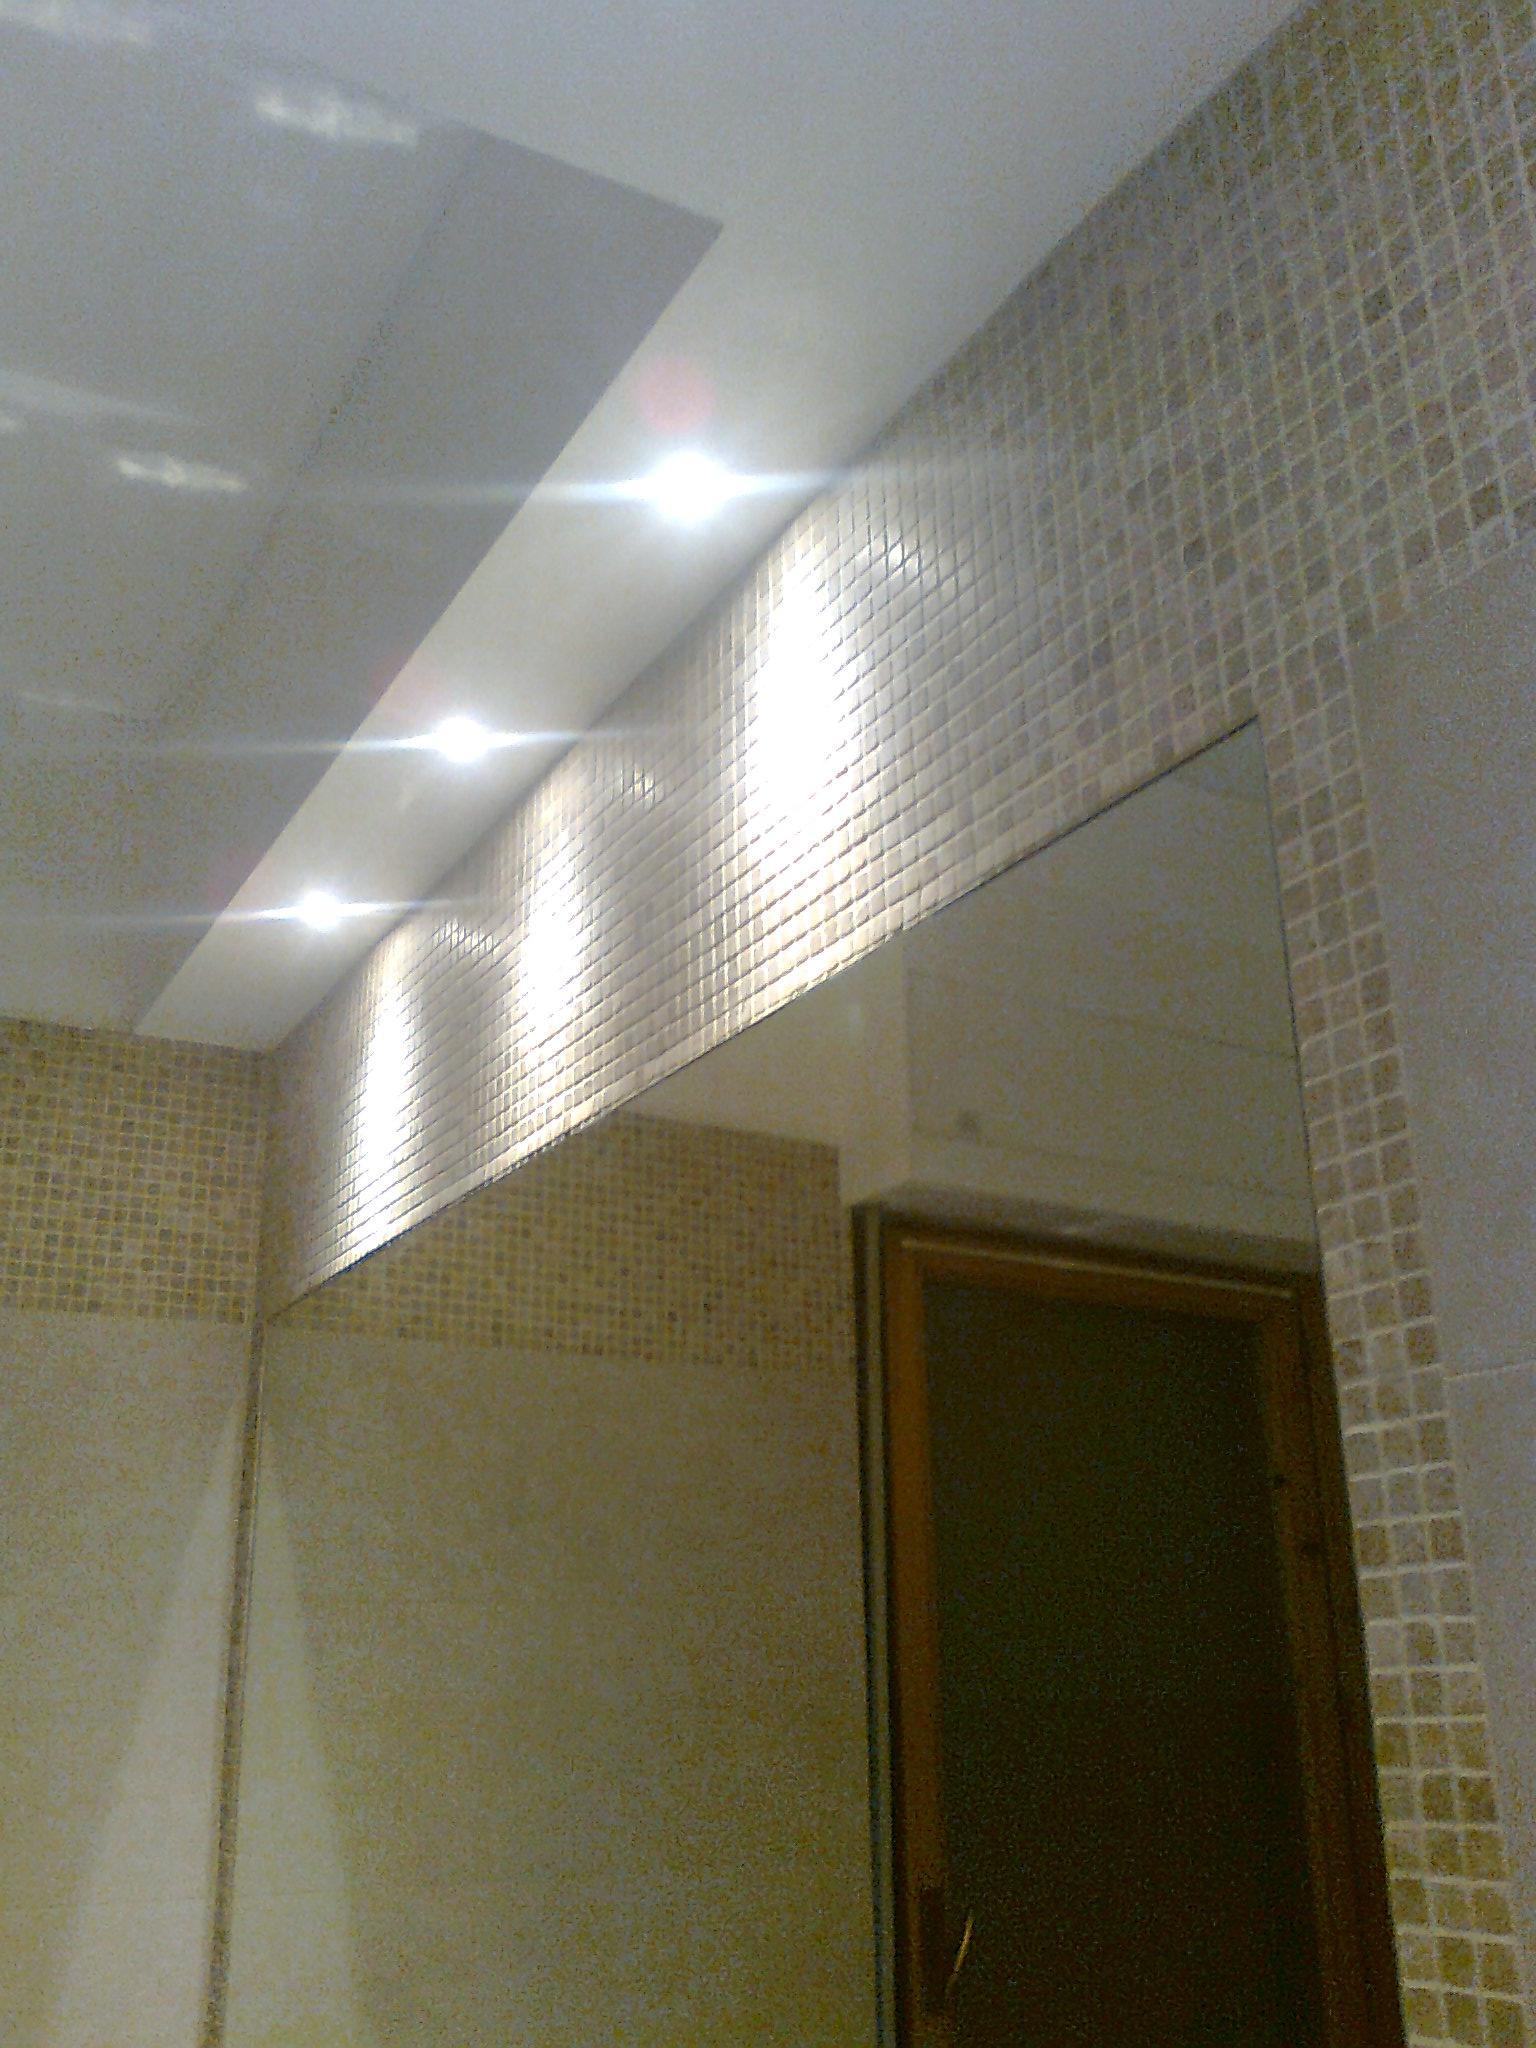 Paggetti impianti elettrici illuminazione leds - Led cartongesso ...